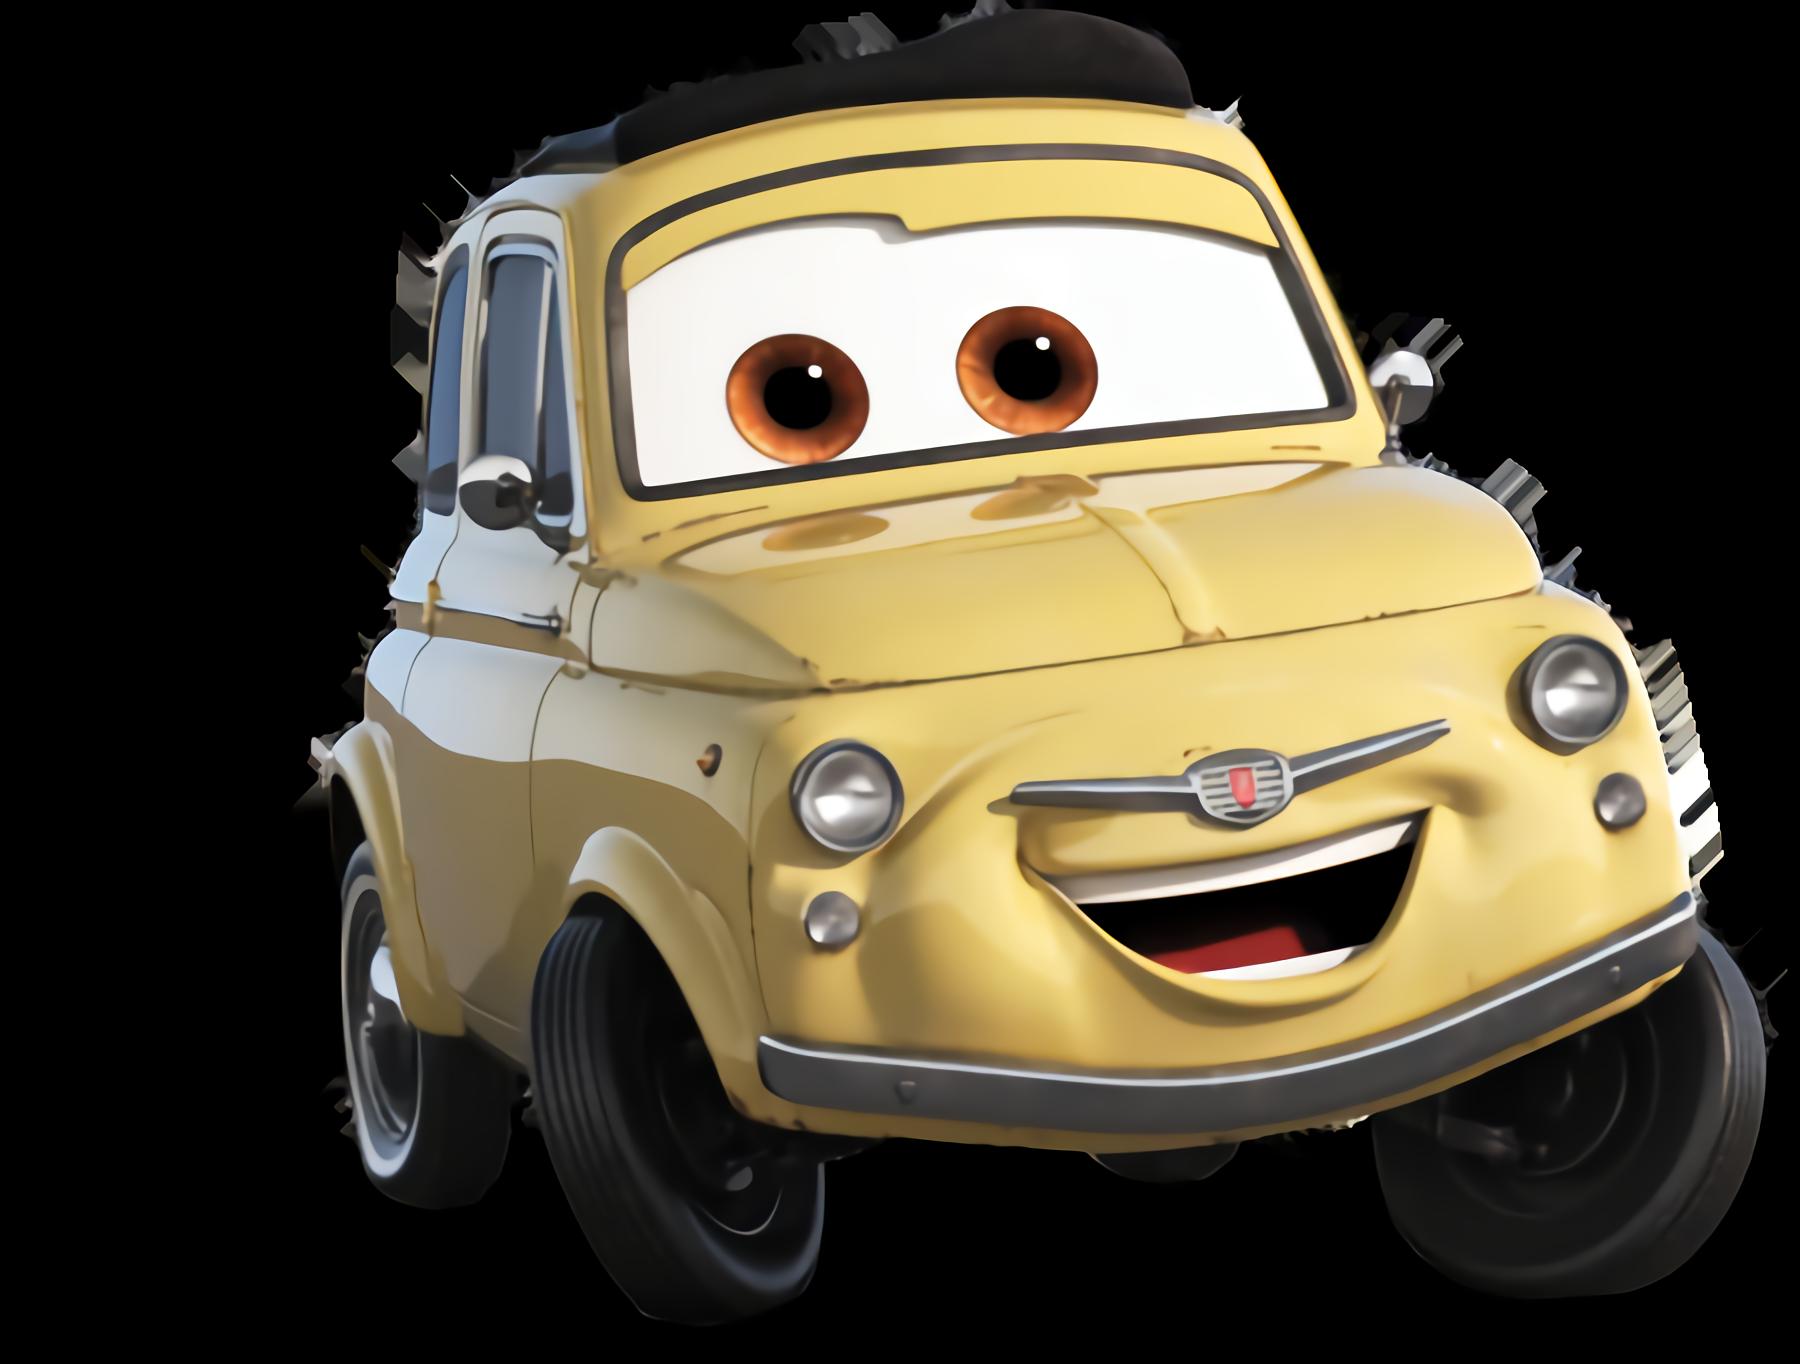 Luigi World Of Cars Wiki Fandom Powered By Wikia